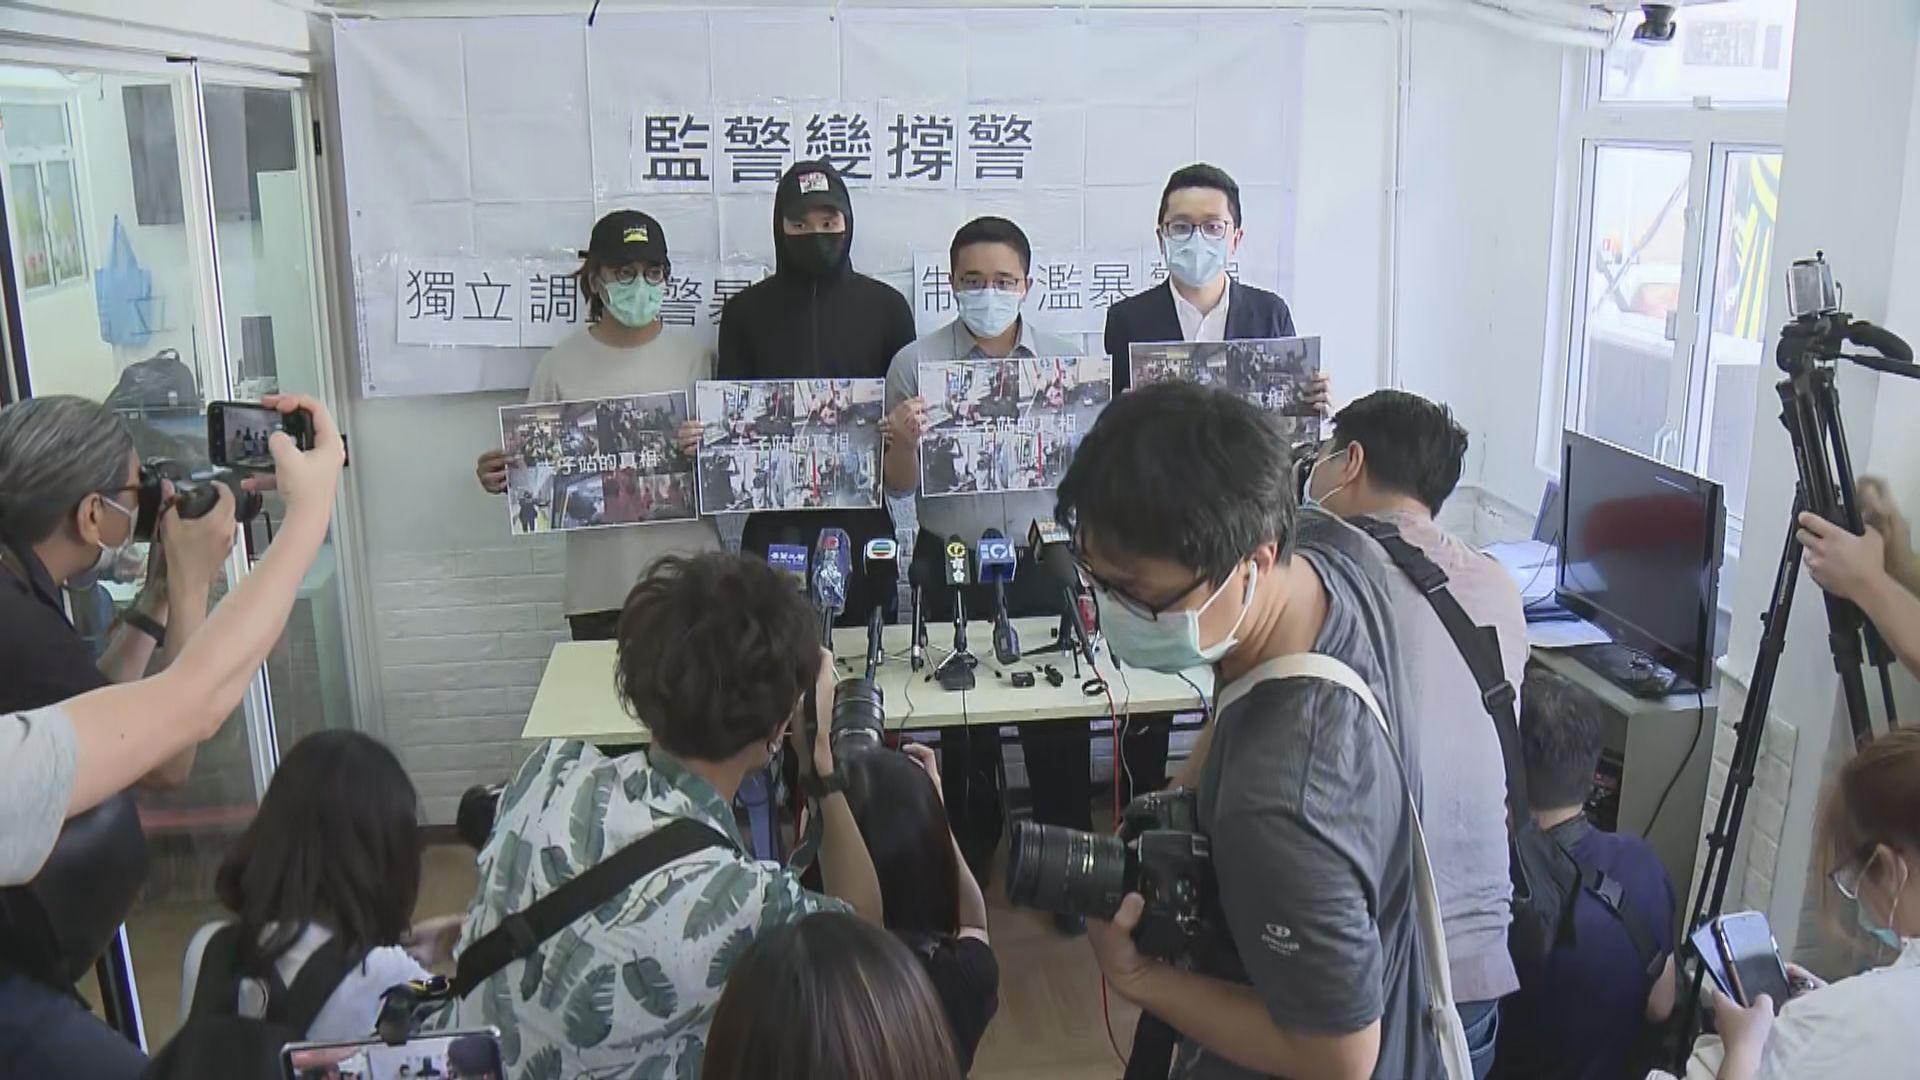 831被捕人批評監警會報告偏頗 未正視警方濫用武力